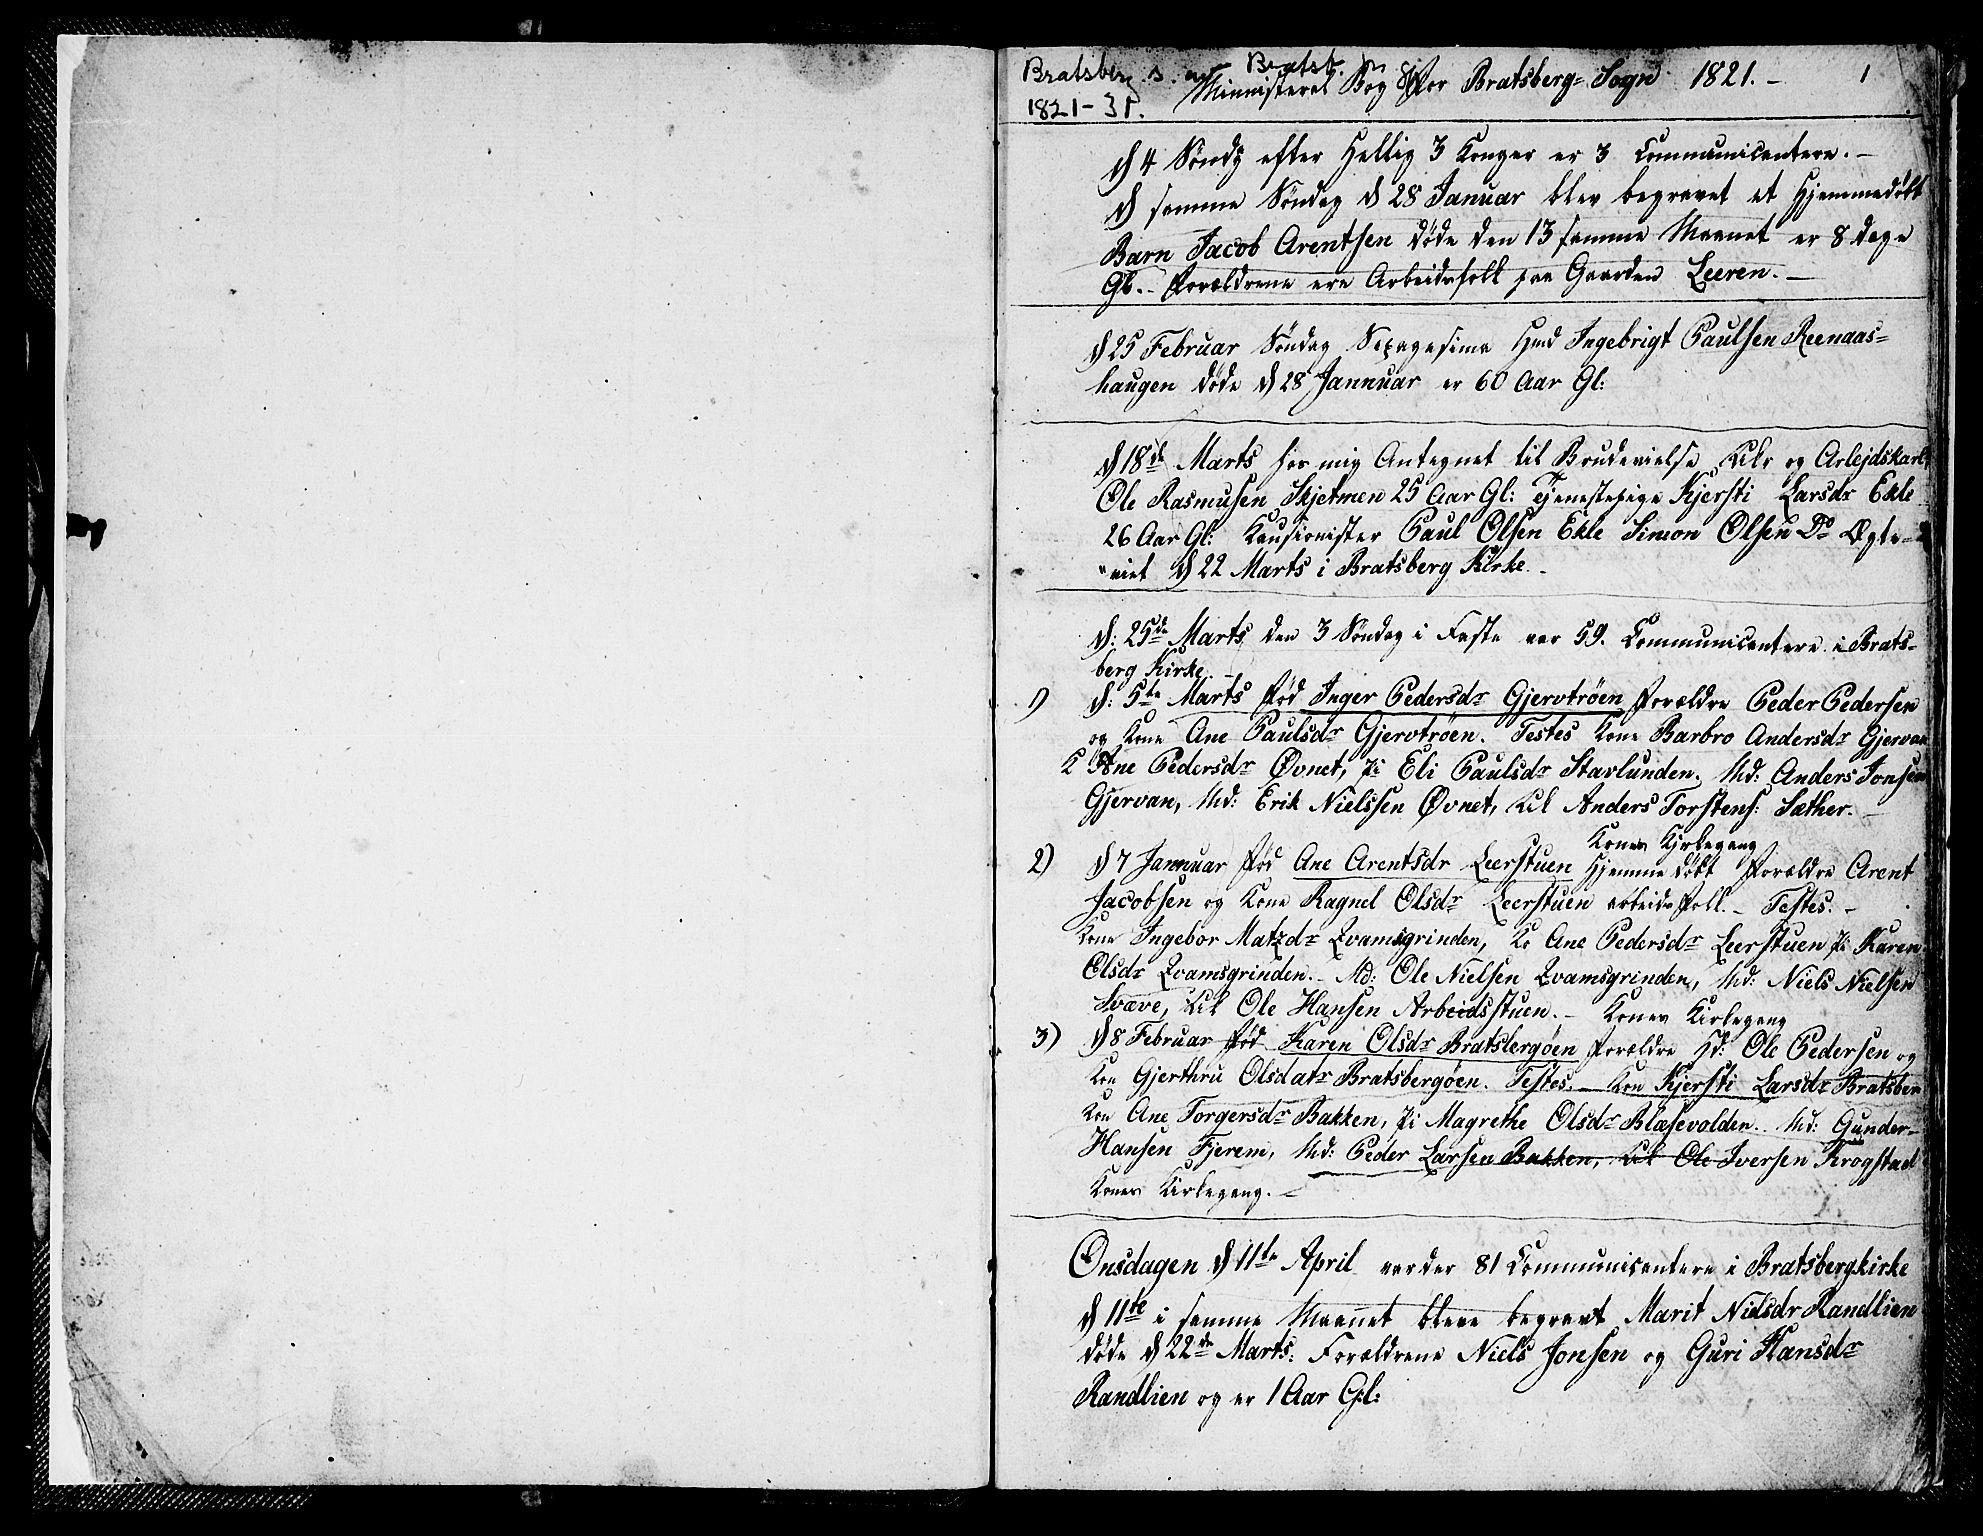 SAT, Ministerialprotokoller, klokkerbøker og fødselsregistre - Sør-Trøndelag, 608/L0337: Klokkerbok nr. 608C03, 1821-1831, s. 1